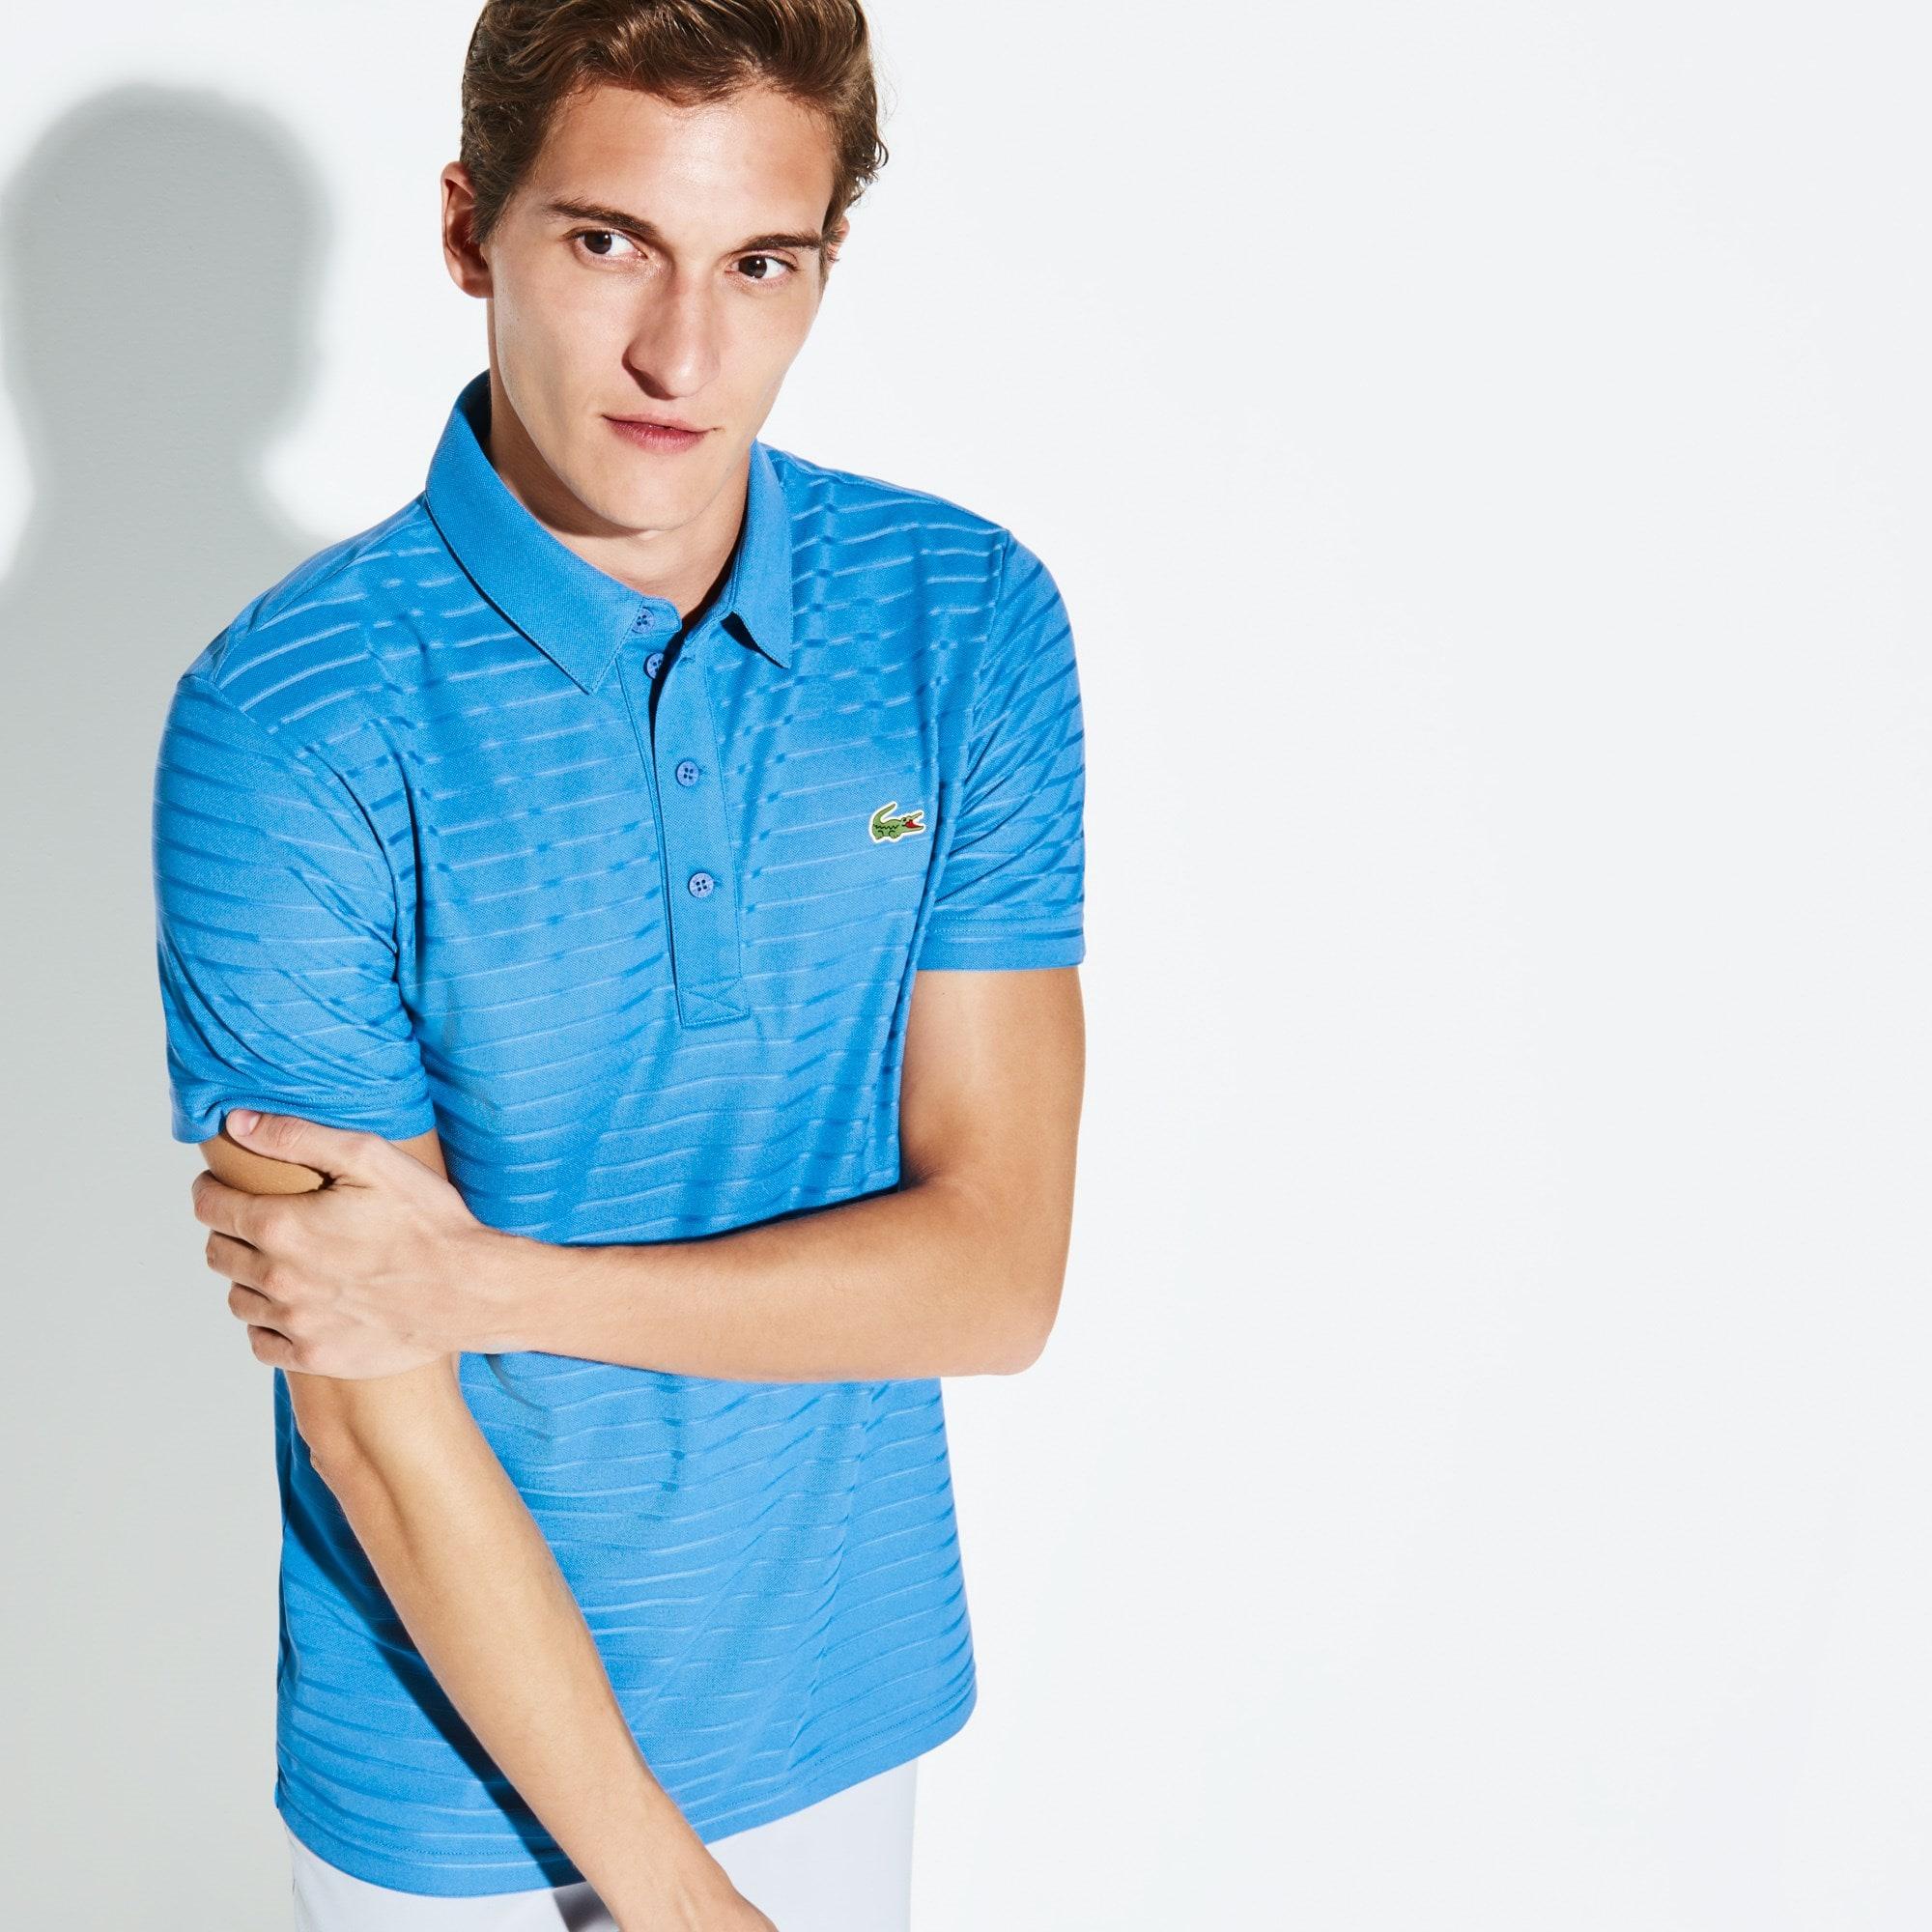 Polo Golf Lacoste SPORT in jersey jacquard tecnico a righe